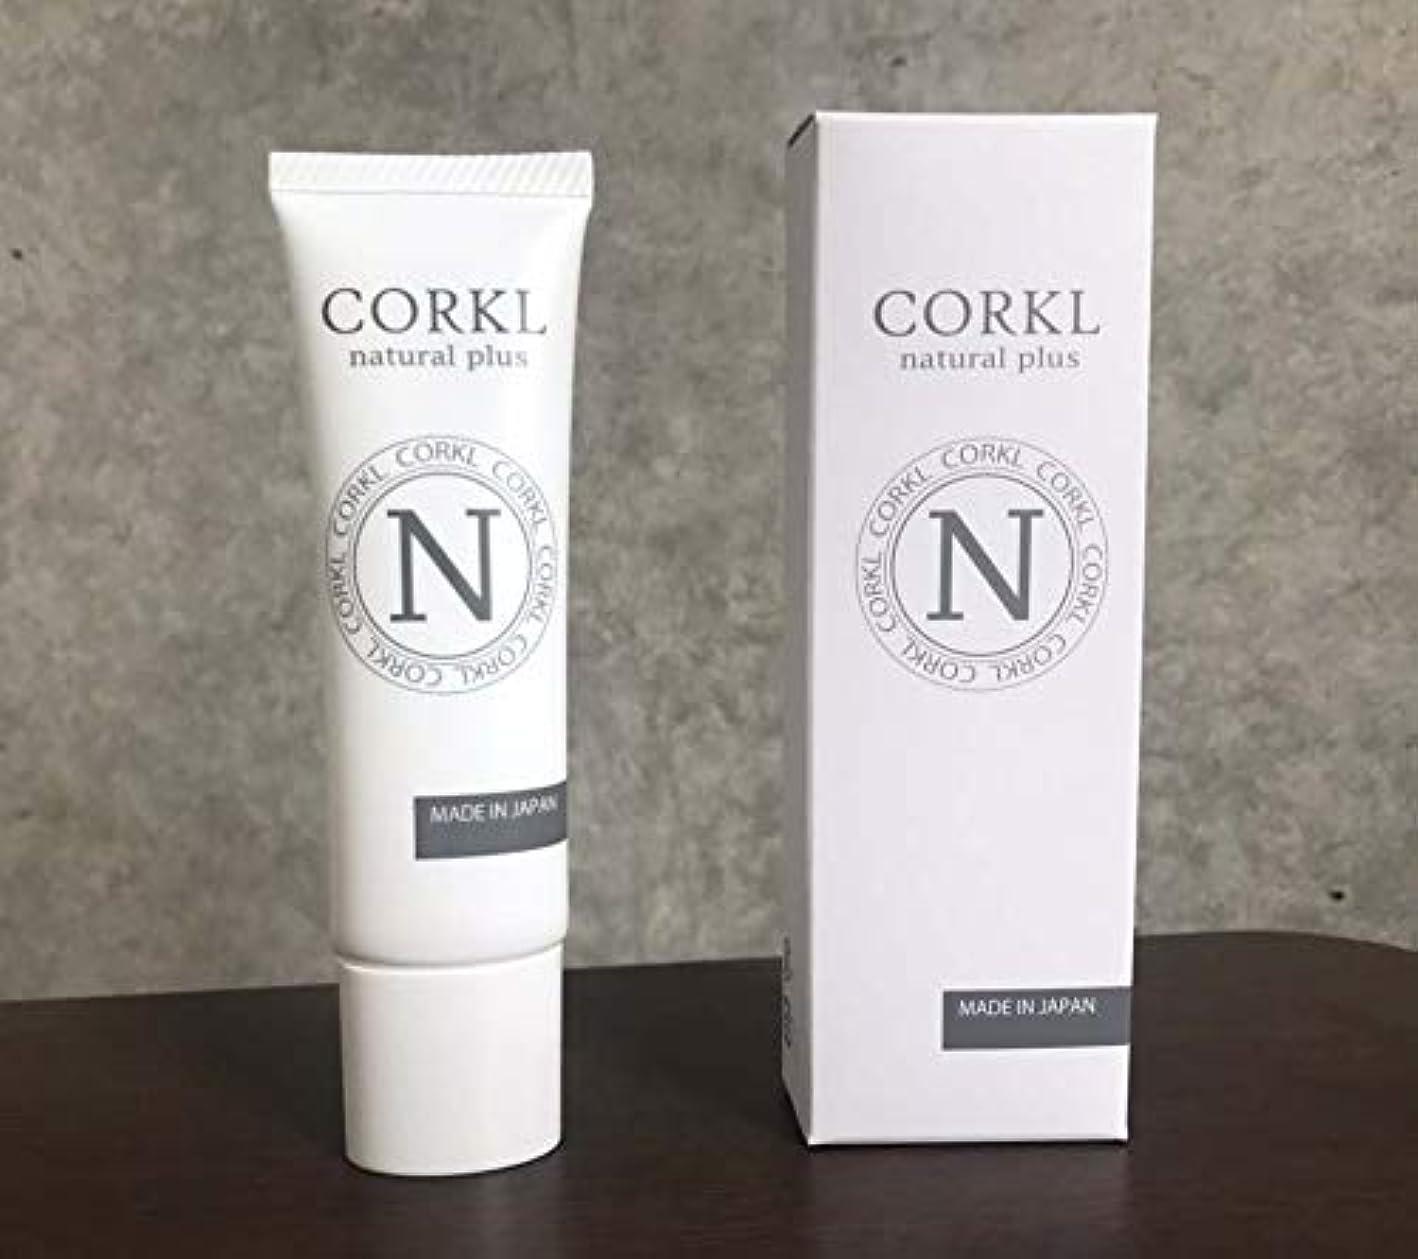 スキップレッドデート完璧なコルクルナチュルクリーム(CORKL)手汗?顔汗に悩む方向けに開発された国産化粧品